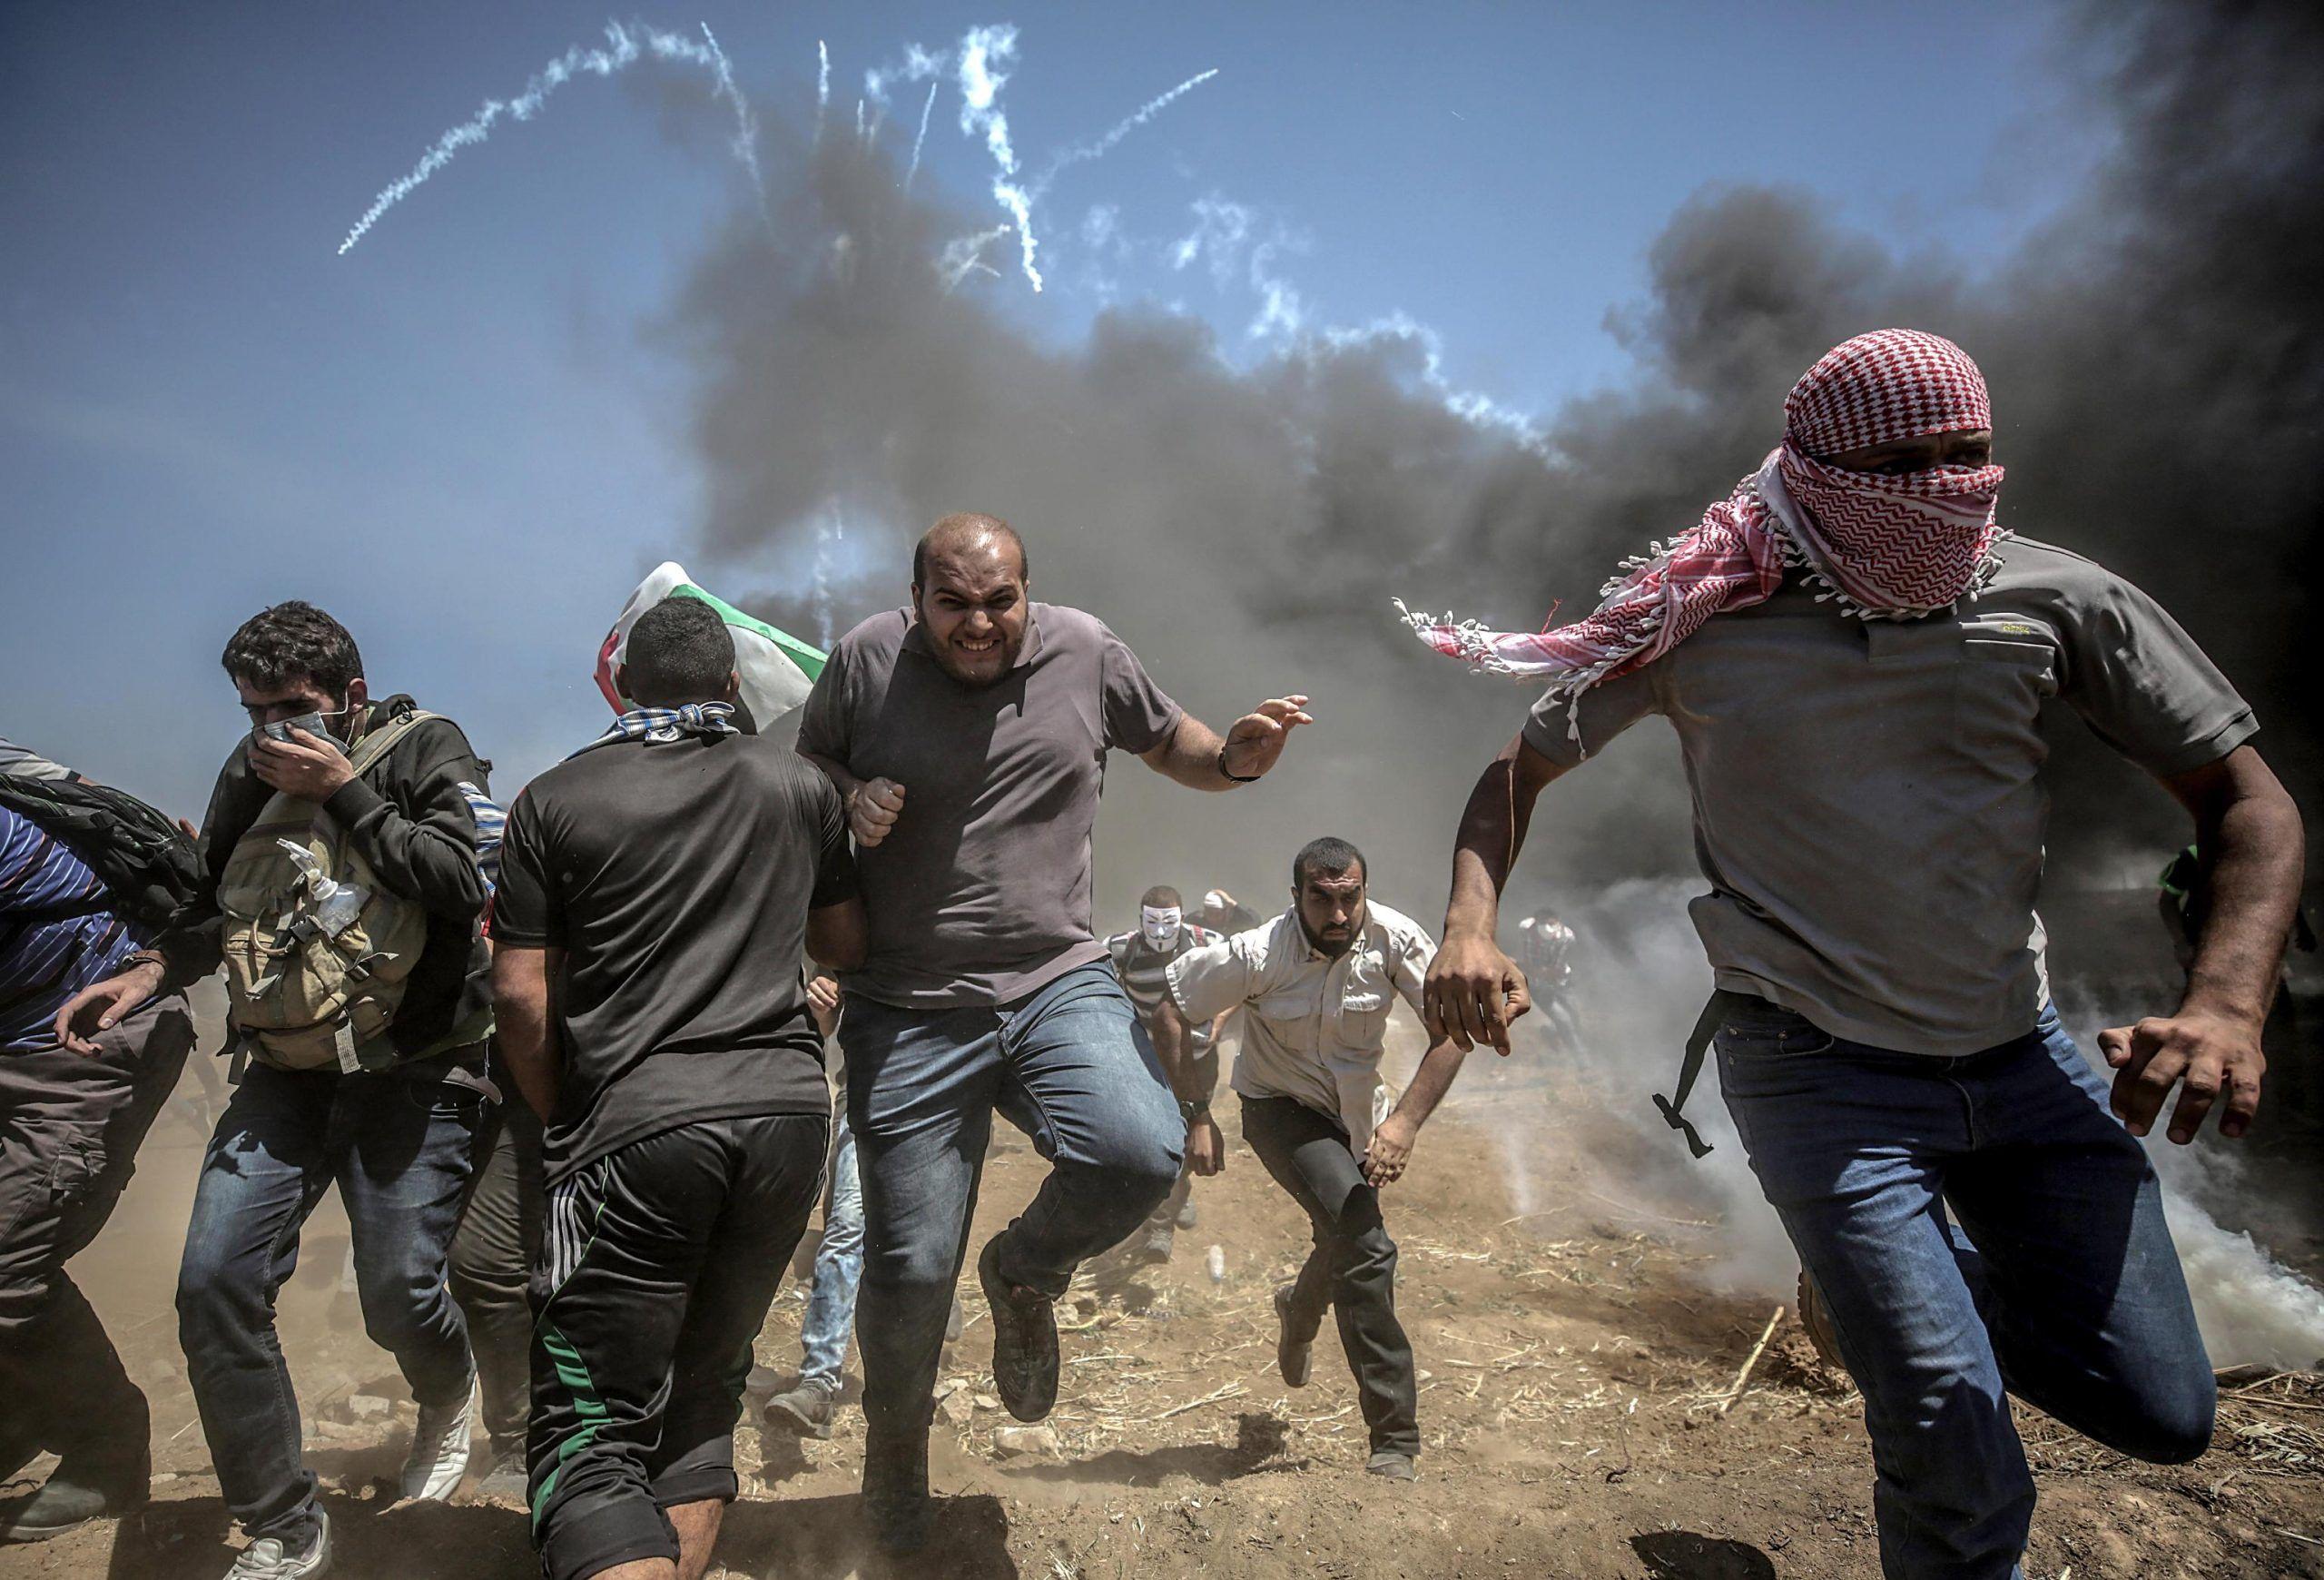 Ambasciata Usa a Gerusalemme: scontri a Gaza, 60 morti e 2800 feriti